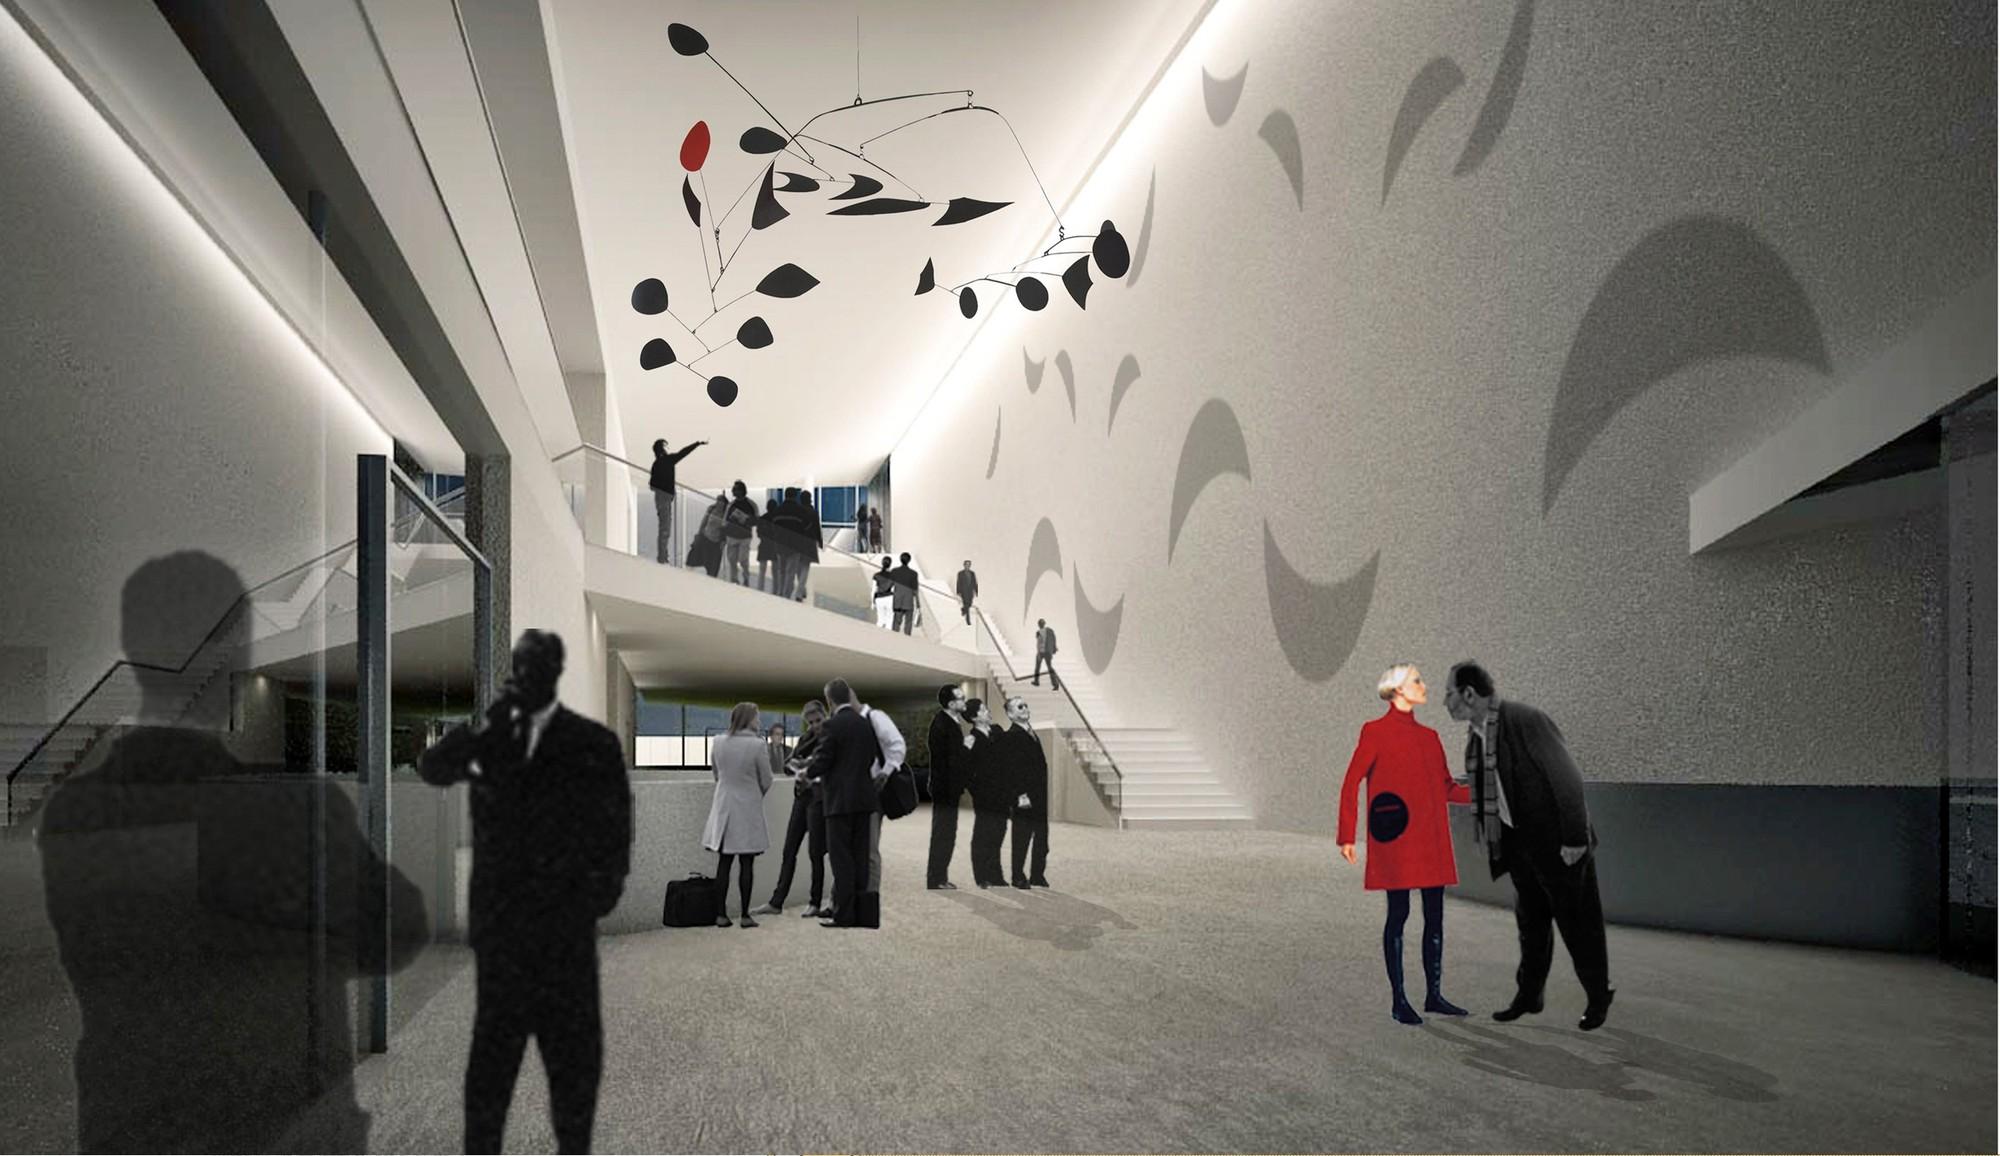 Segundo Lugar. Image Courtesy of Colegio de Arquitectos de la Provincia de Buenos Aires